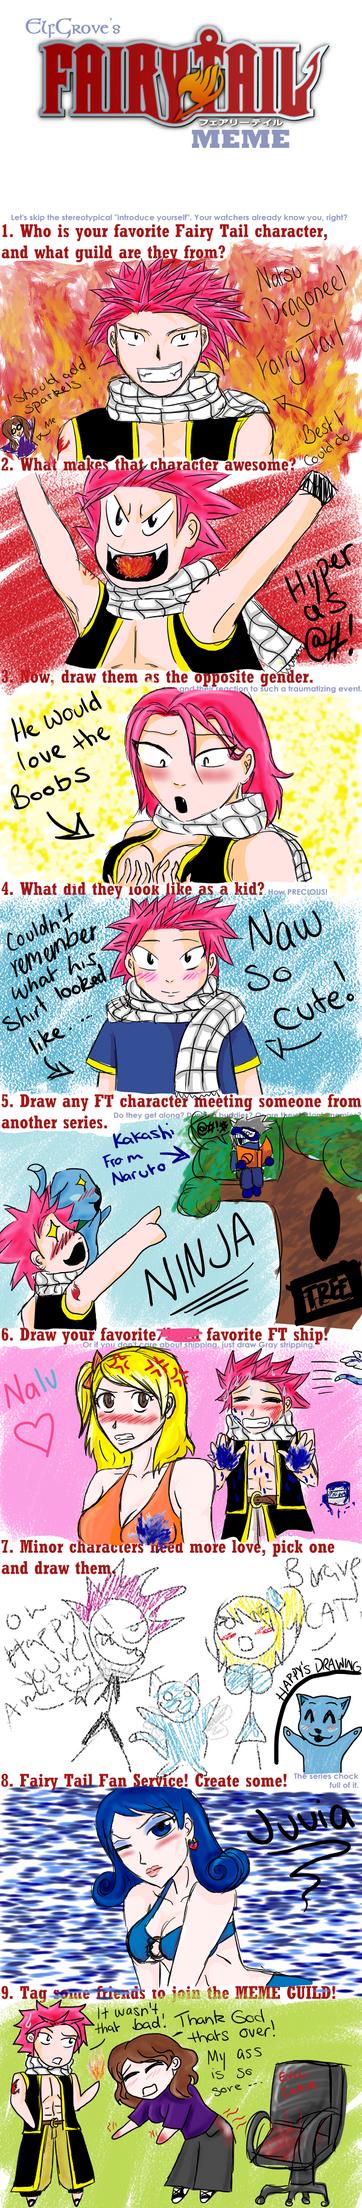 Fairy Tail Meme by xXxBlackKnightxXx on DeviantArt